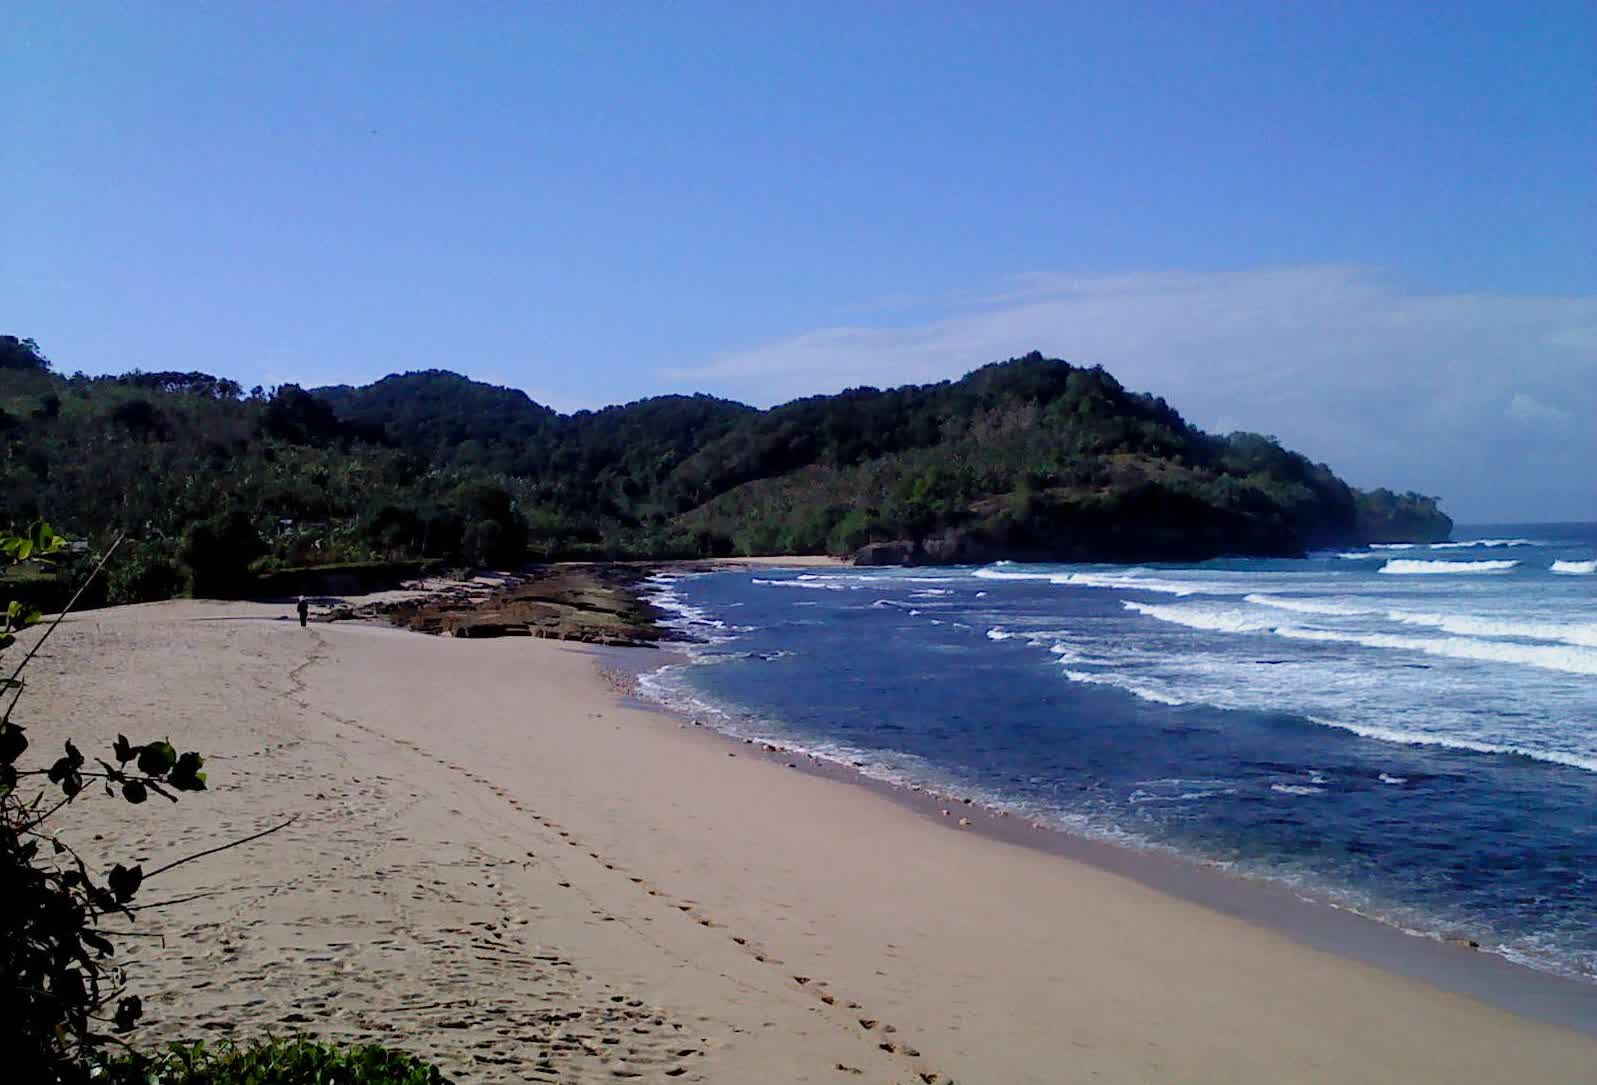 Wisata Pantai Molang Tulungagung : Harga Tiket Masuk, Lokasi Dan Rute Terbaru 2019